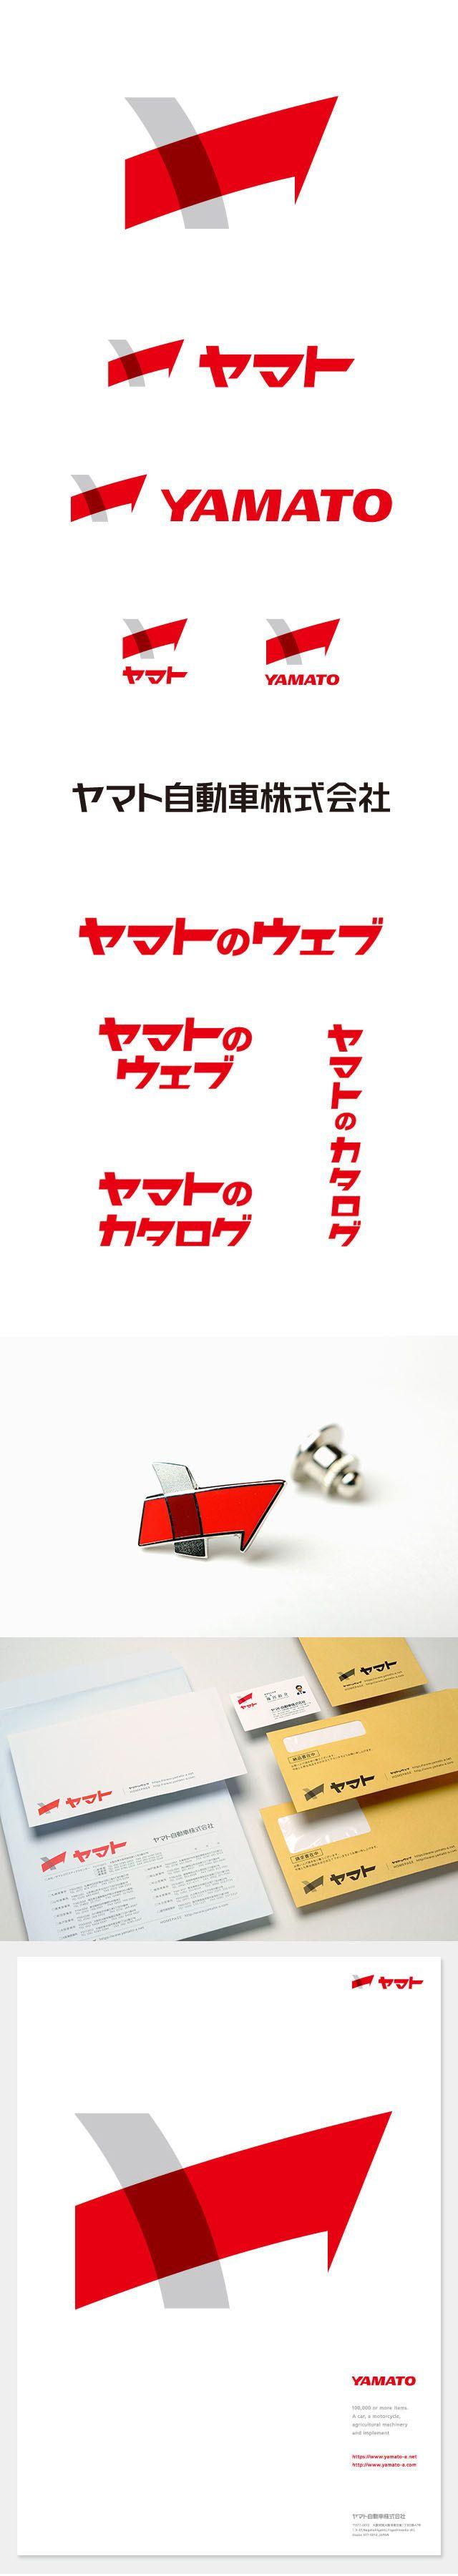 東大阪に本社のある、ヤマト自動車株式会社様のVIデザインです。 社名ロゴ、WEBサイトロゴ、カタログ用ロゴ、封筒各種、社章バッヂ、イメージポスタ...